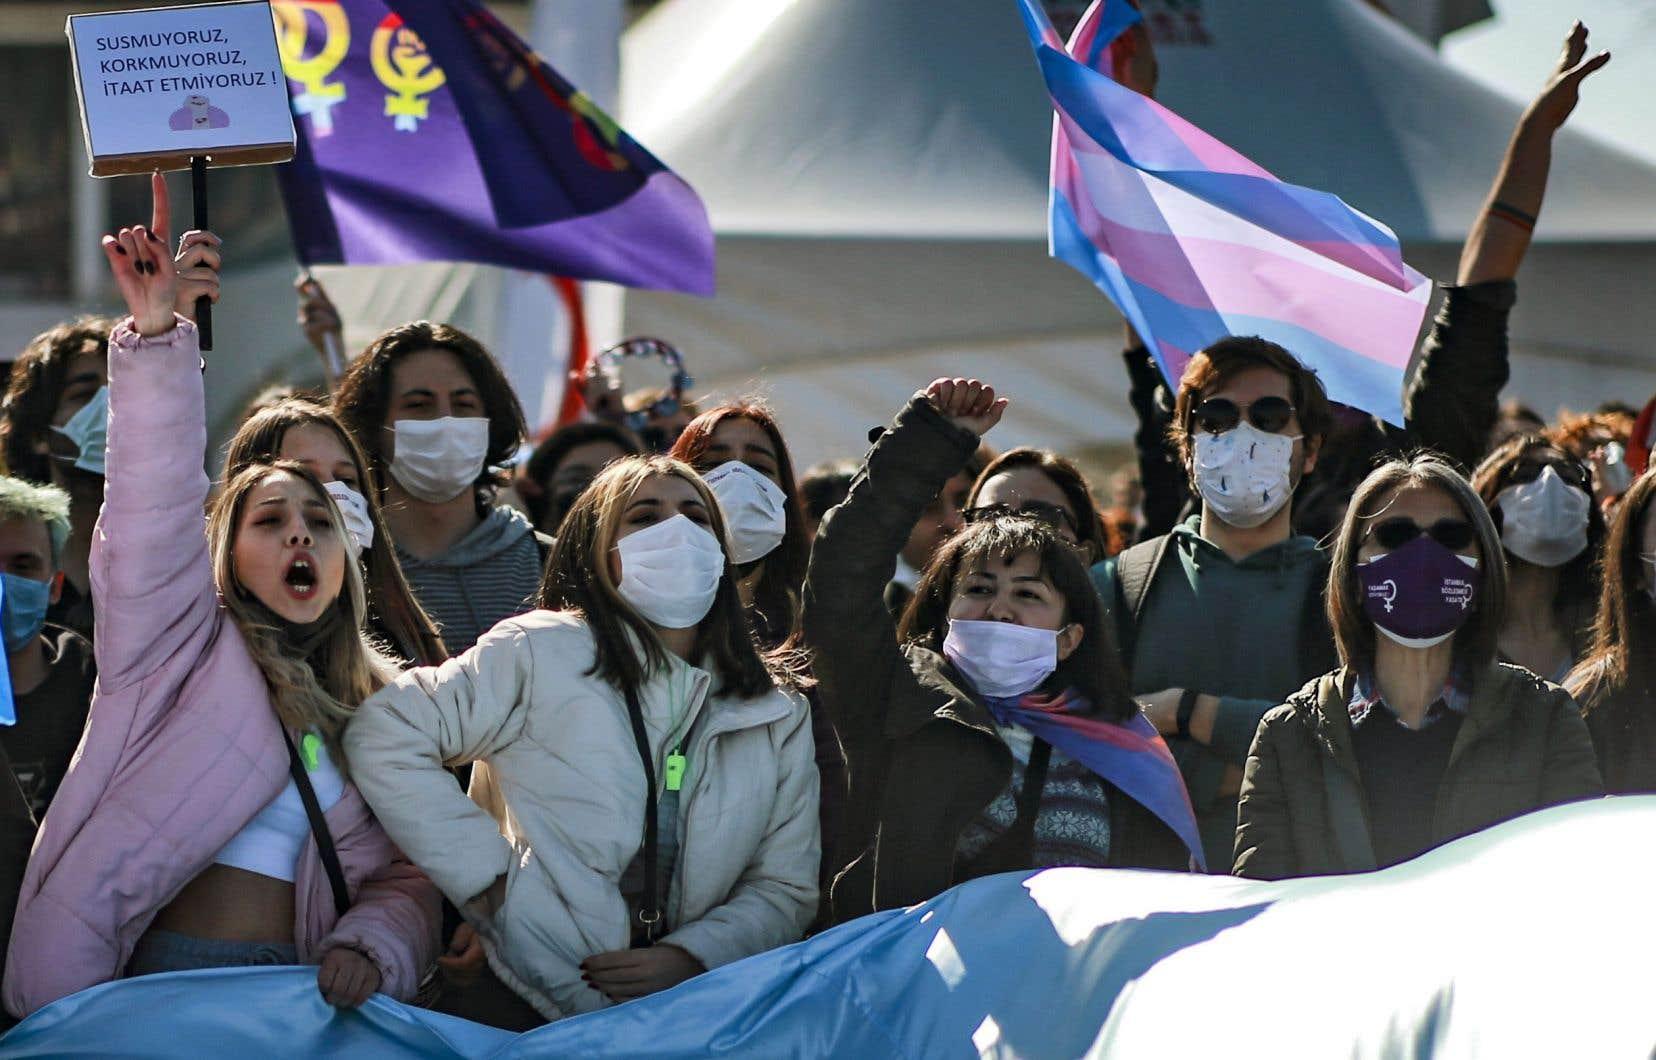 «La Convention du Conseil de l'Europe sur la prévention et la lutte contre la violence à l'égard des femmes et la violence domestique, dite Convention d'Istanbul, est aujourd'hui plus que jamais d'actualité», pense l'autrice.  En photo, manifestation contre le retrait de la Turquie de la Convention d'Istanbul, le 27 mars dernier à Istambul.